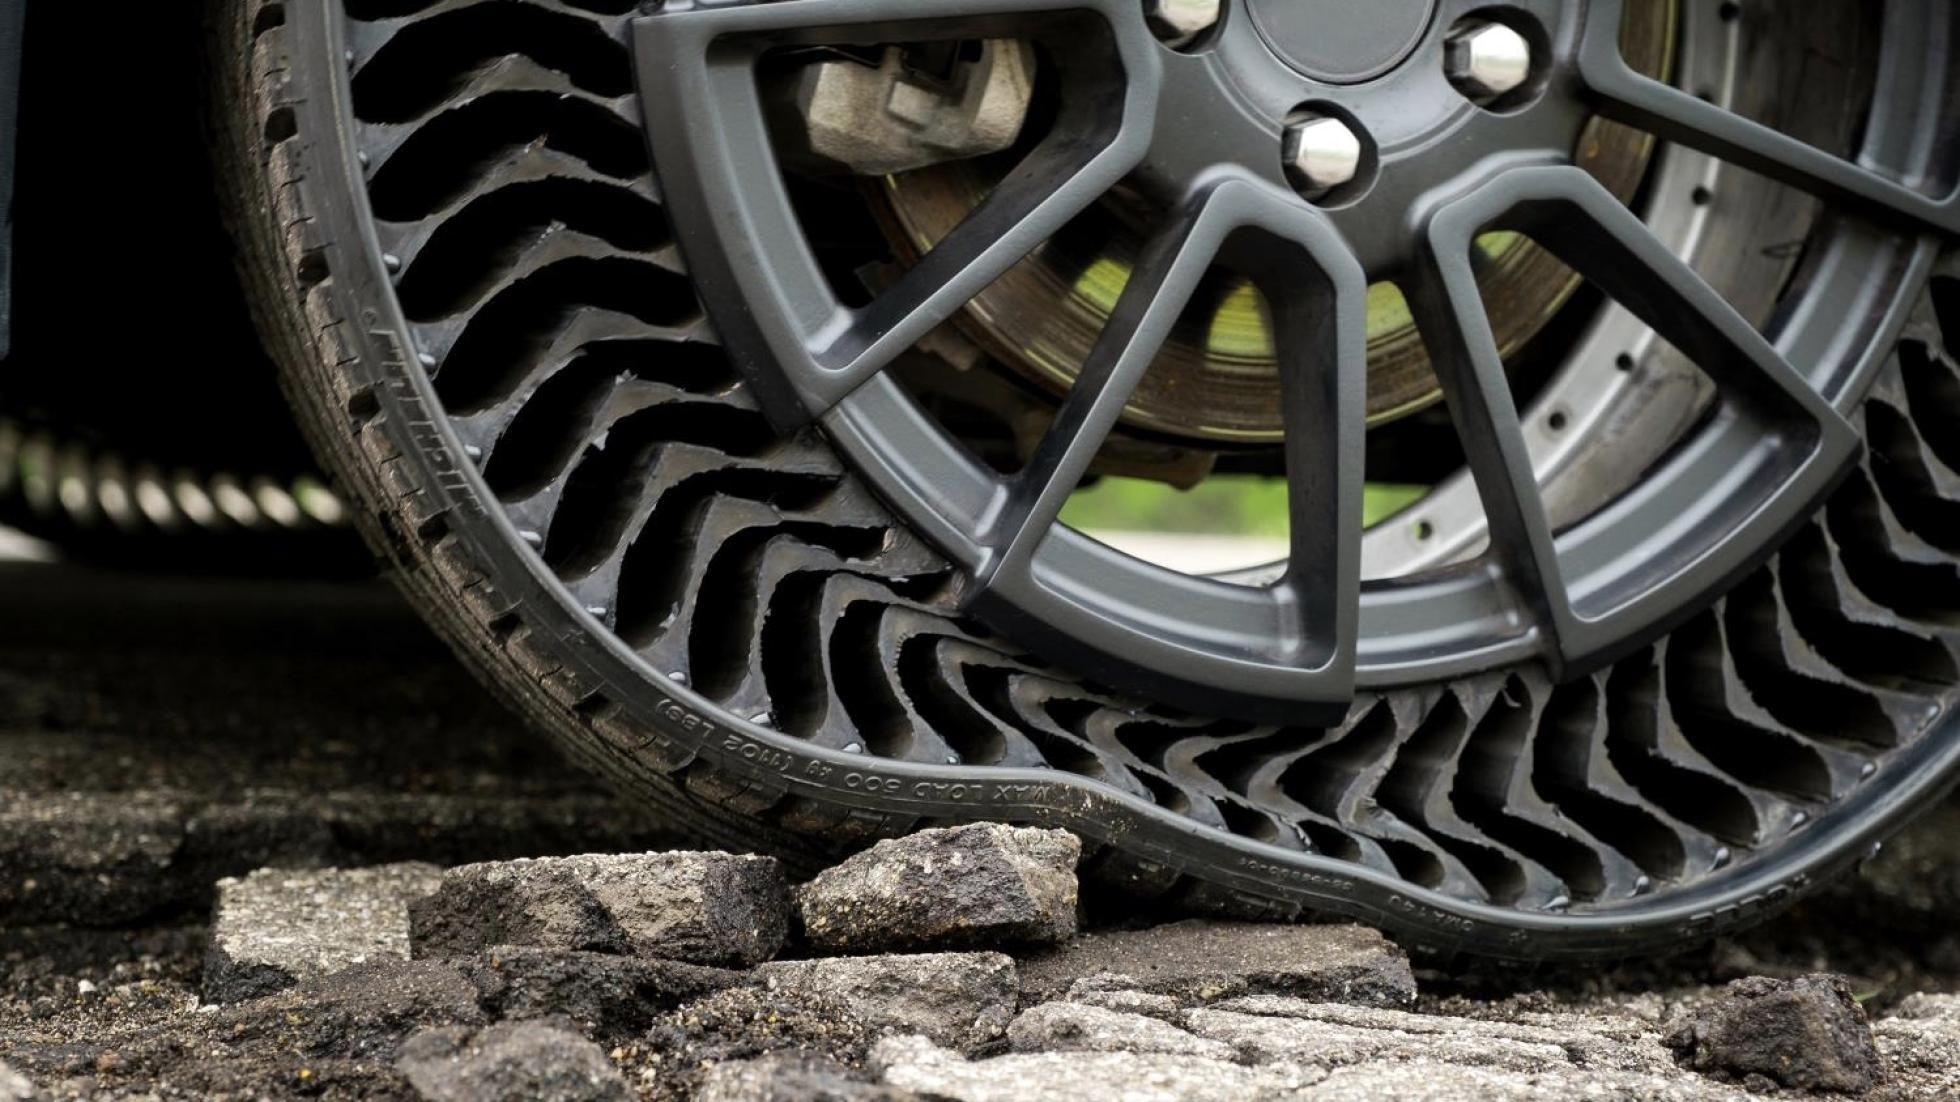 تایرهای بدون هوا/ پنچر نمیشوند و عمر طولانی دارند